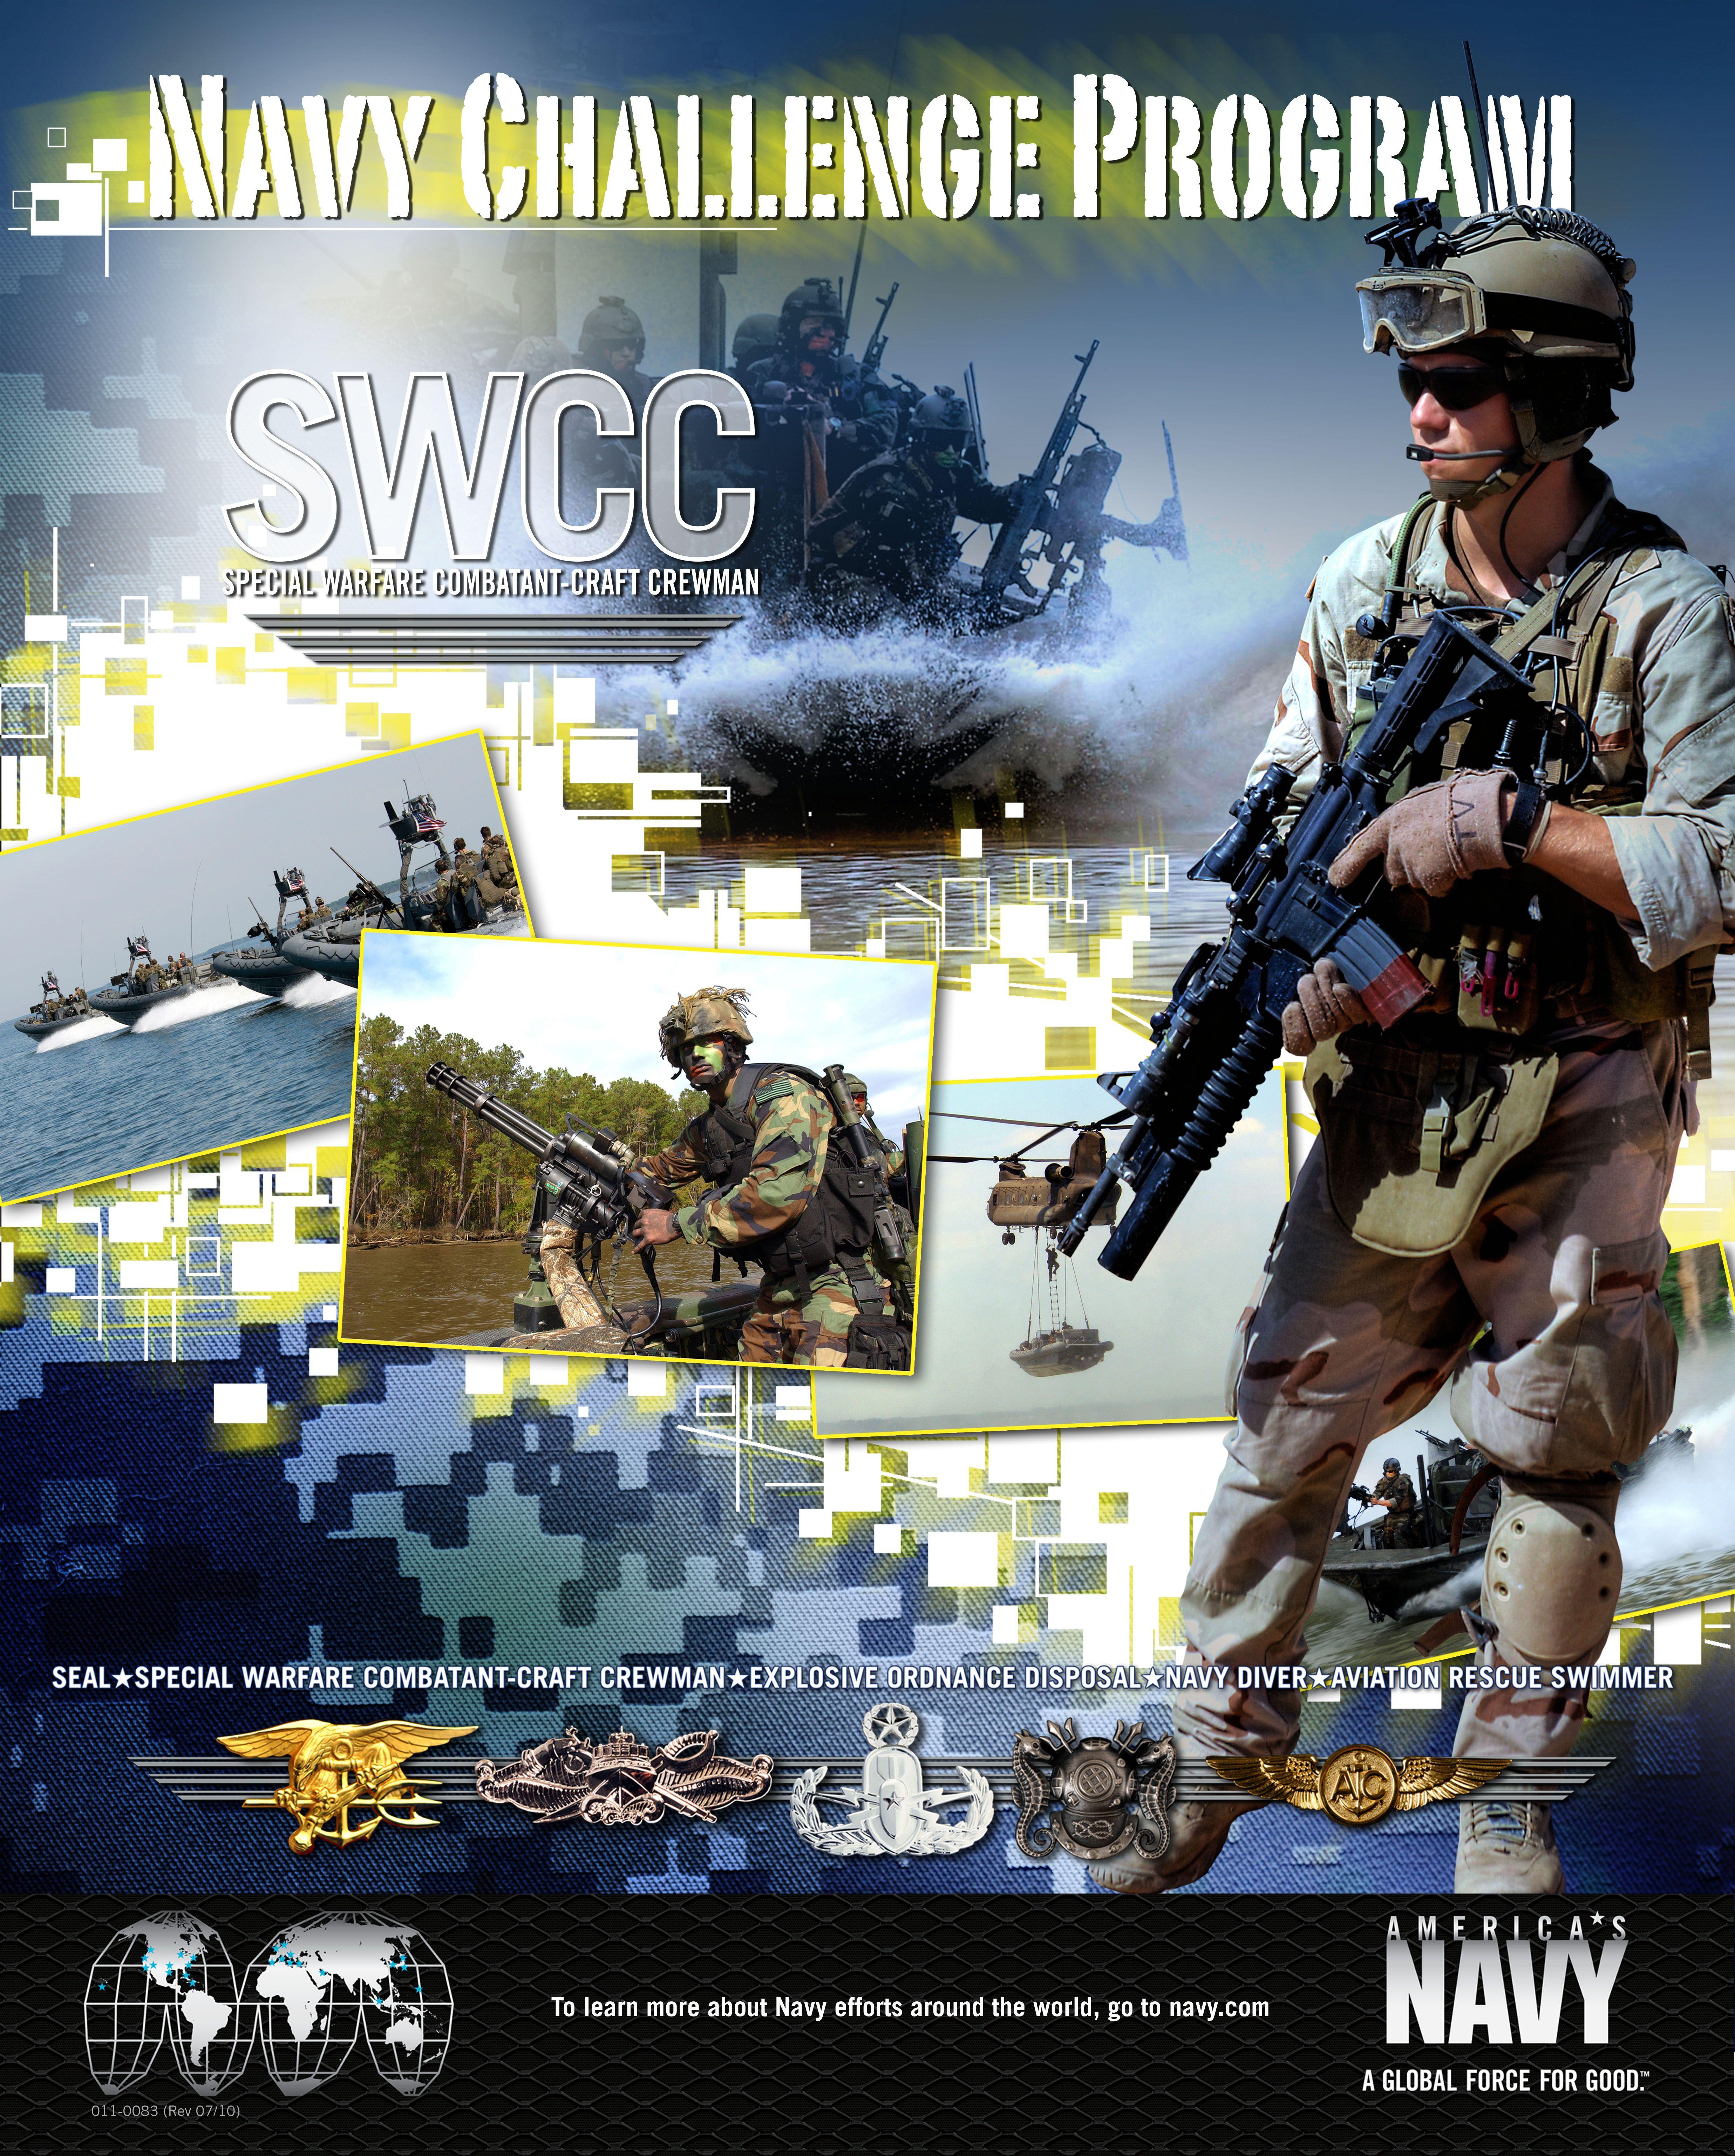 Navy Challenge Program Swcc Navy Navy Military Navy